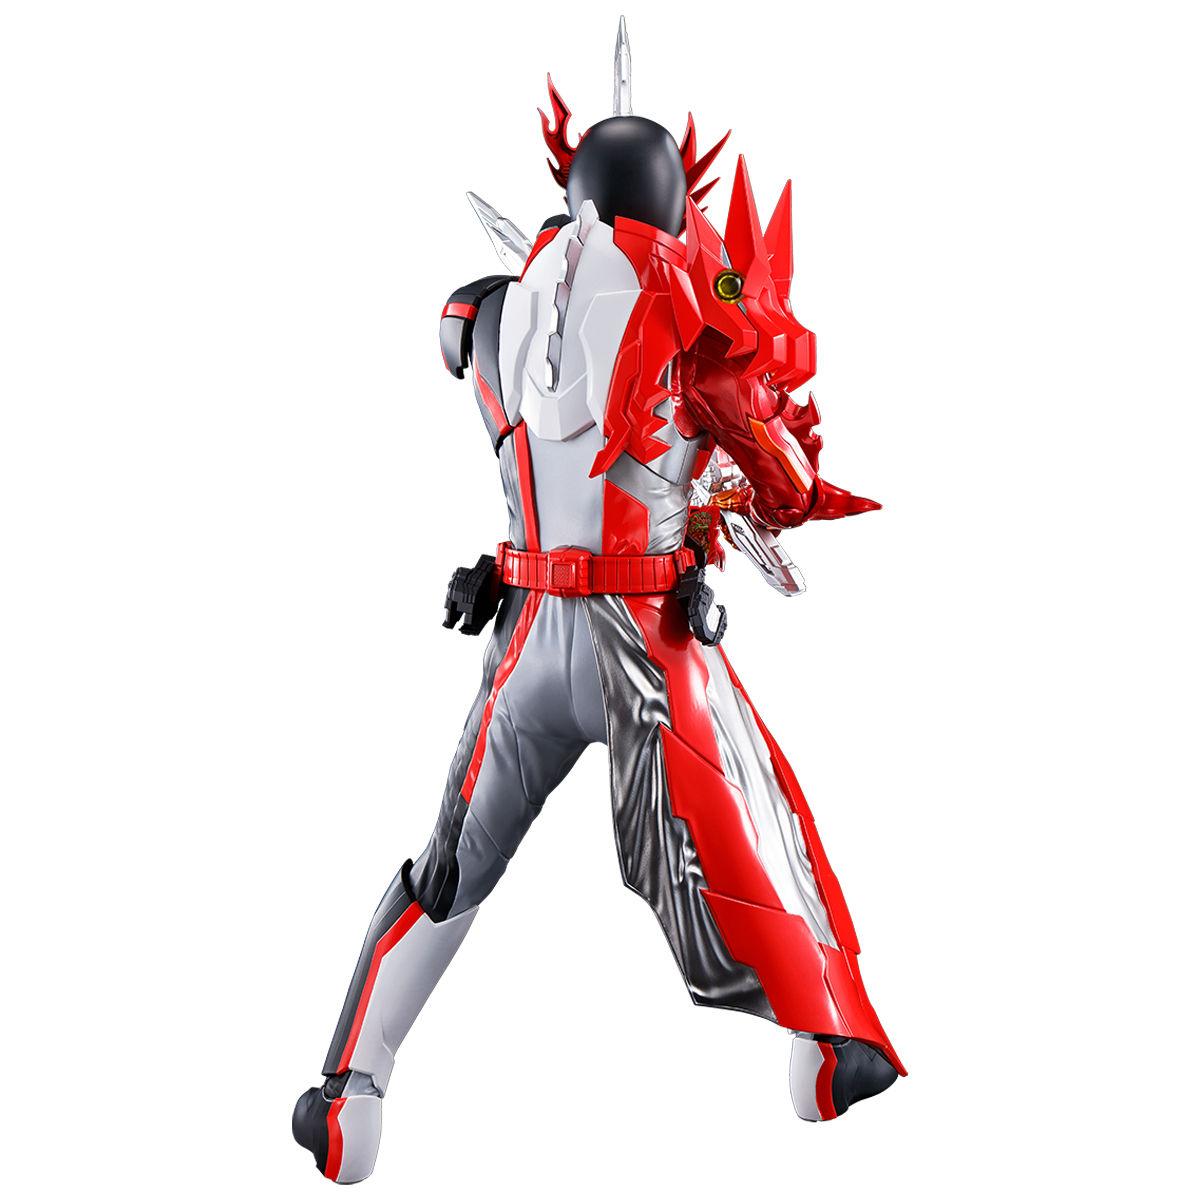 【限定販売】特大HEROES『仮面ライダーセイバー ブレイブドラゴン』完成品フィギュア-005